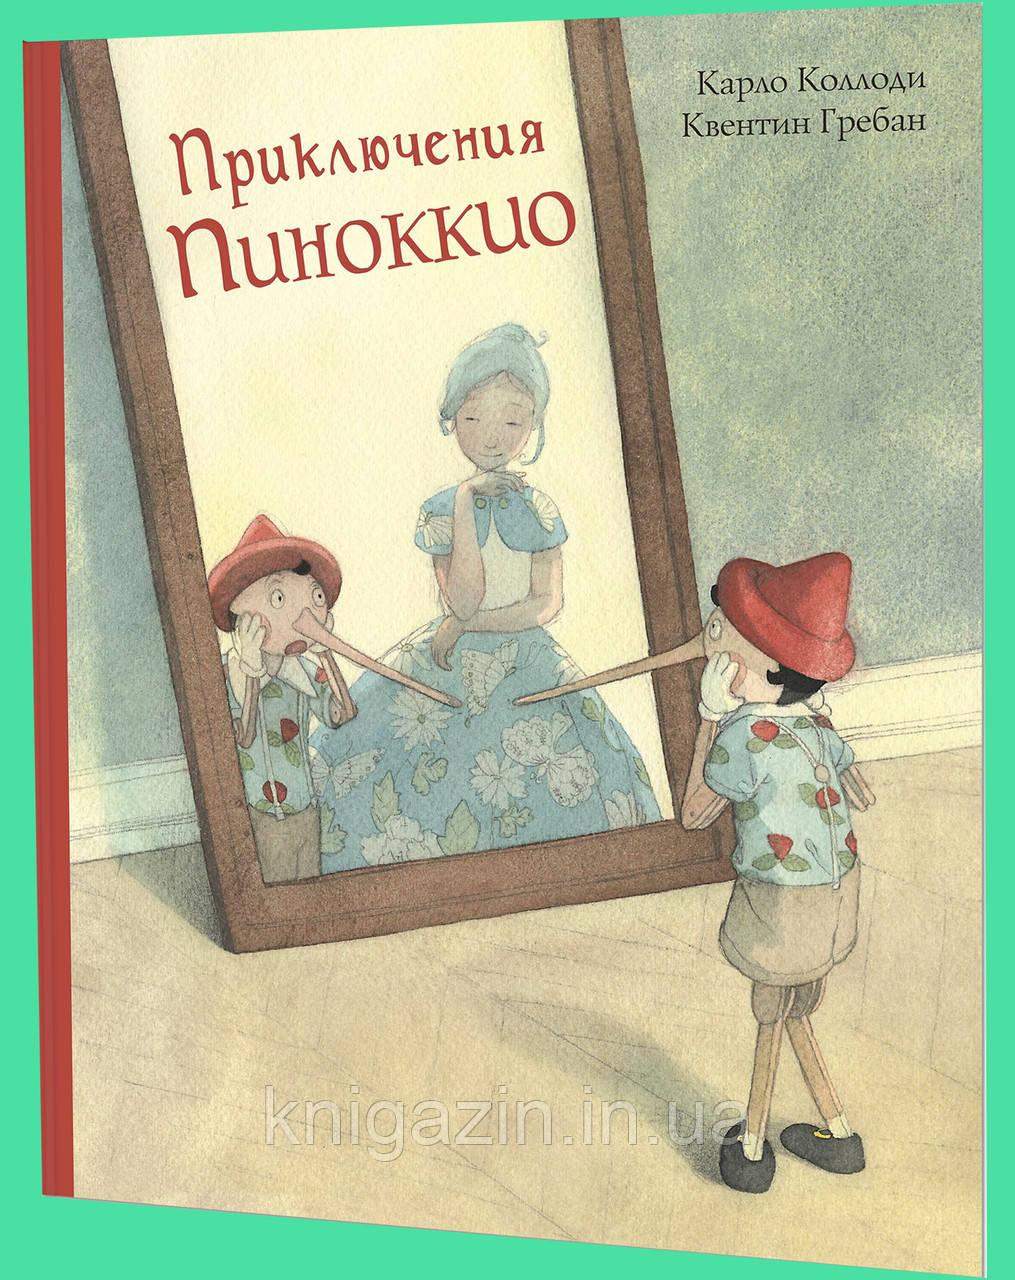 Детская книга Приключения Пиноккио. История Деревянного Человечка Для детей от 6 лет